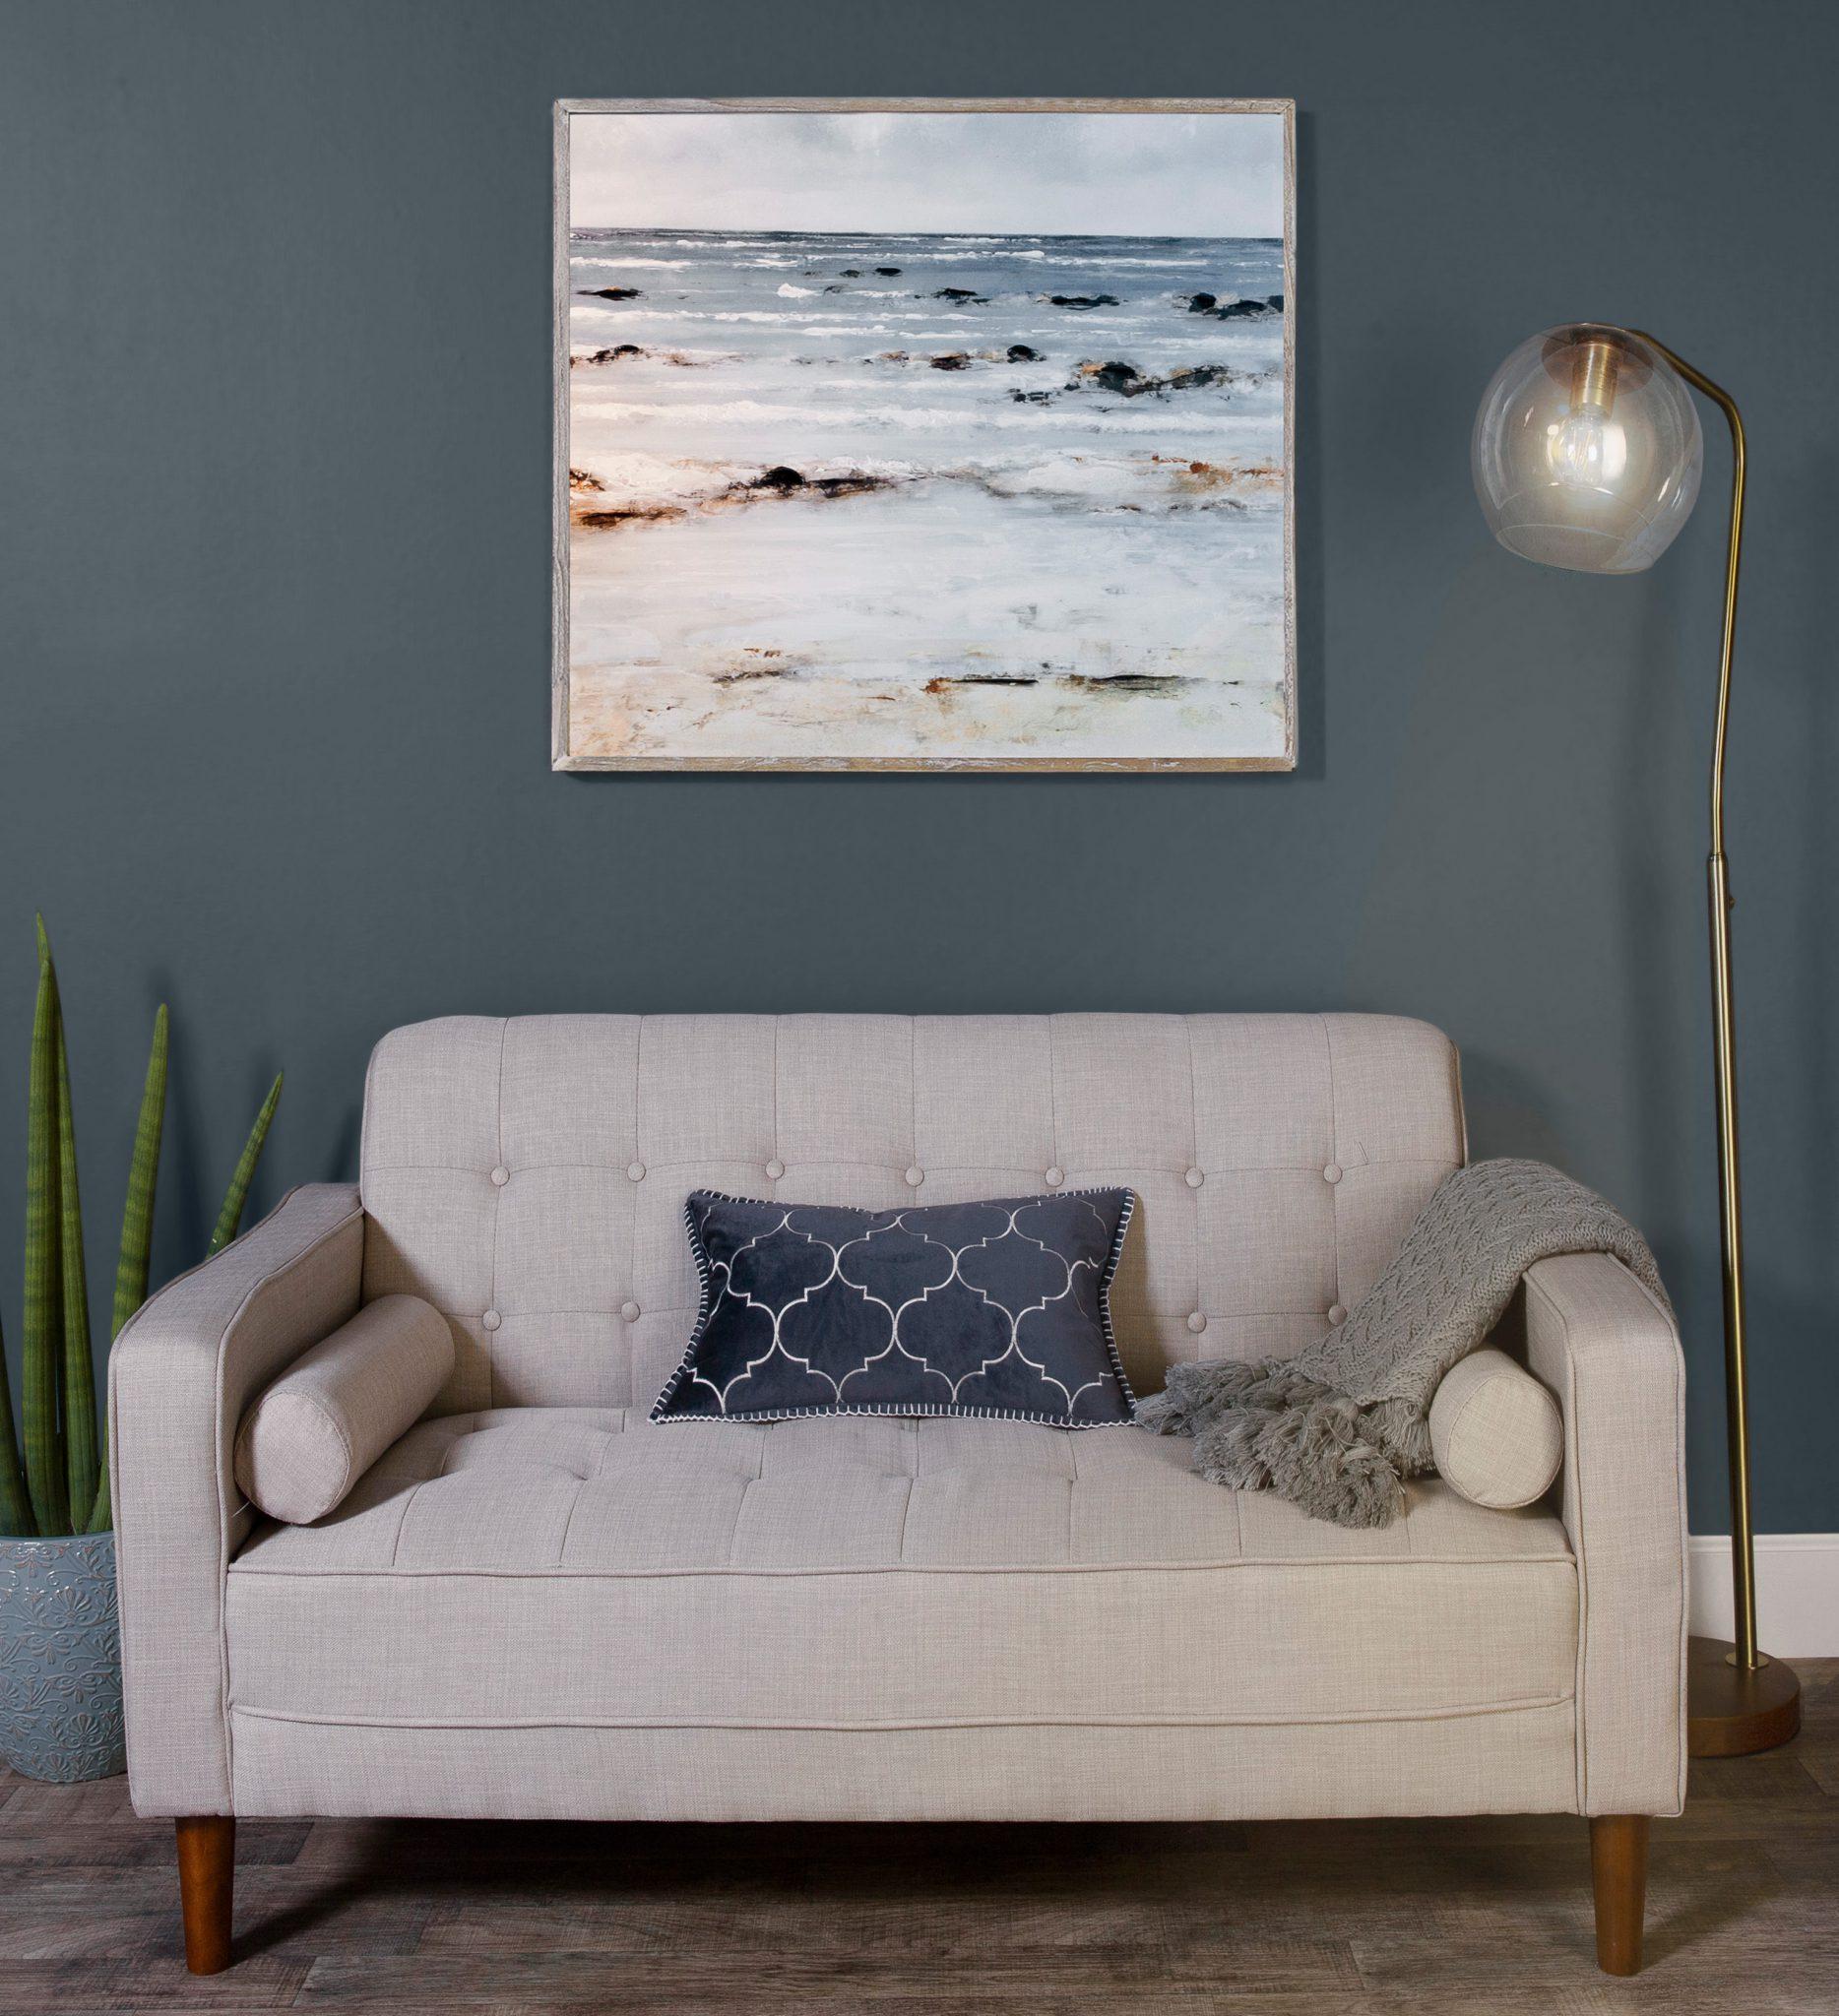 Best of Behr: Blue Gray Paint Colors - Image via Behr, feat. wall paint color: 'Blue Metal' by Behr